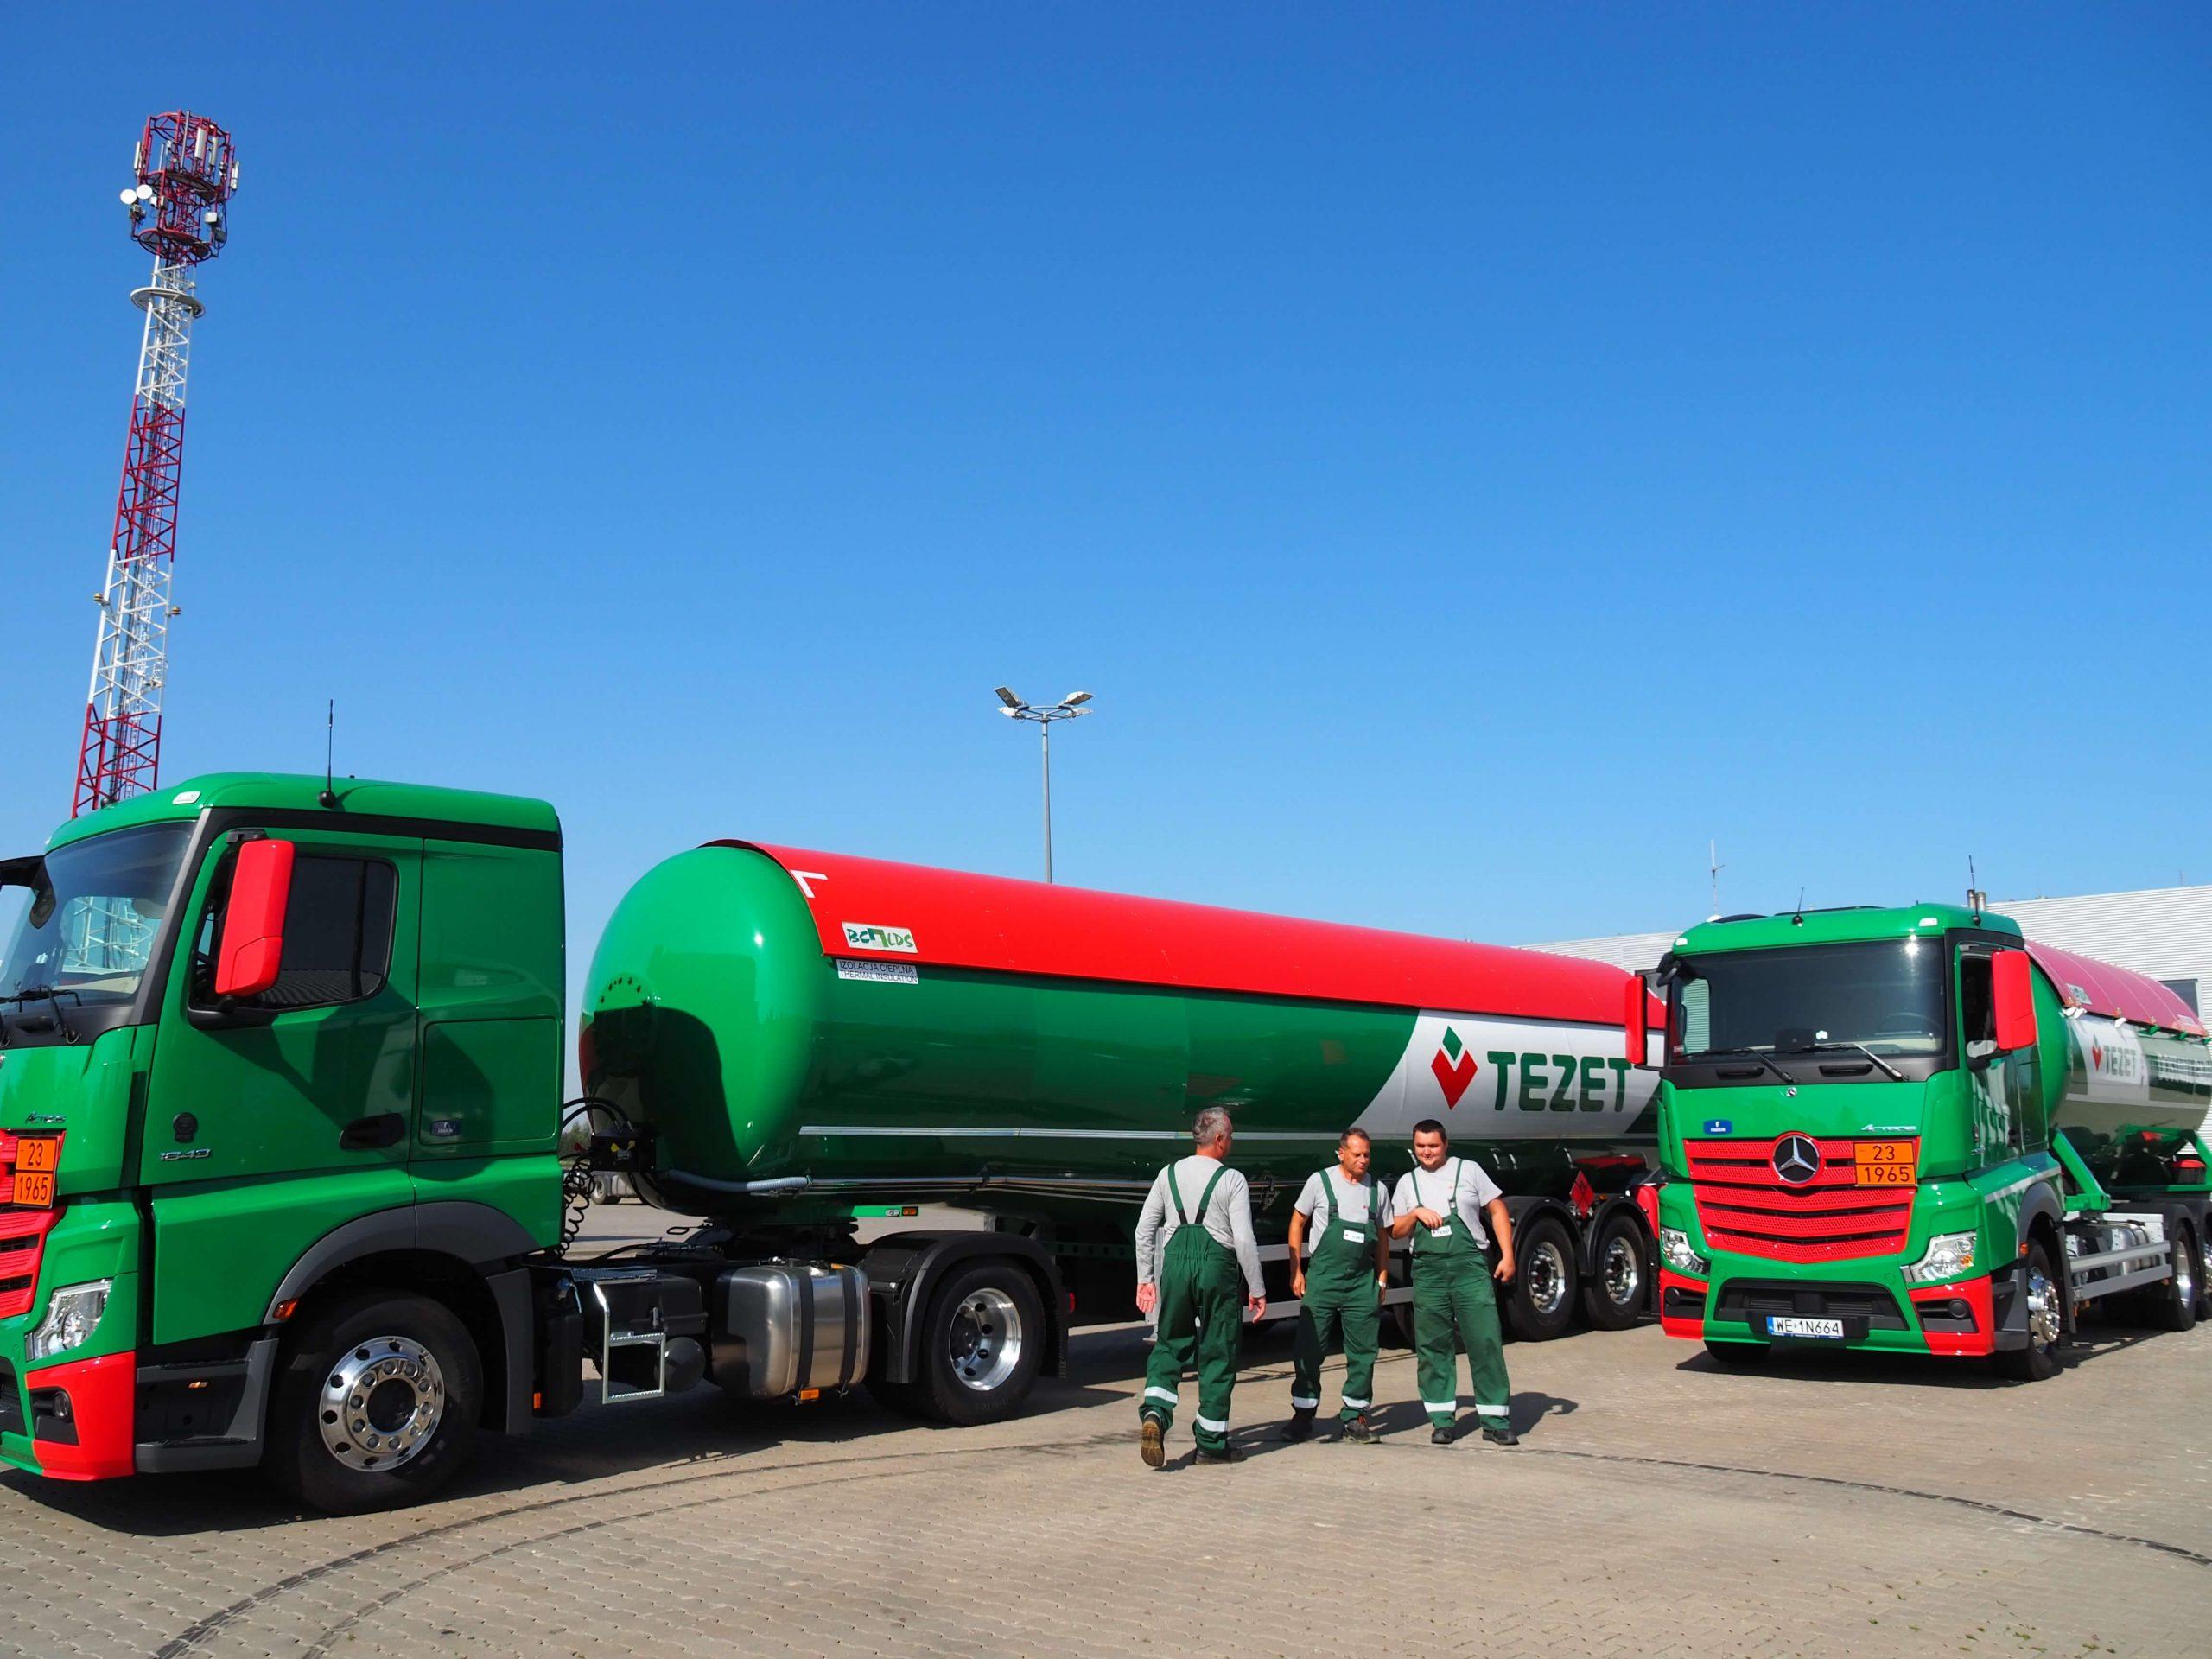 Trzech pracowników Tezet i w tle ciężarówki Tezet